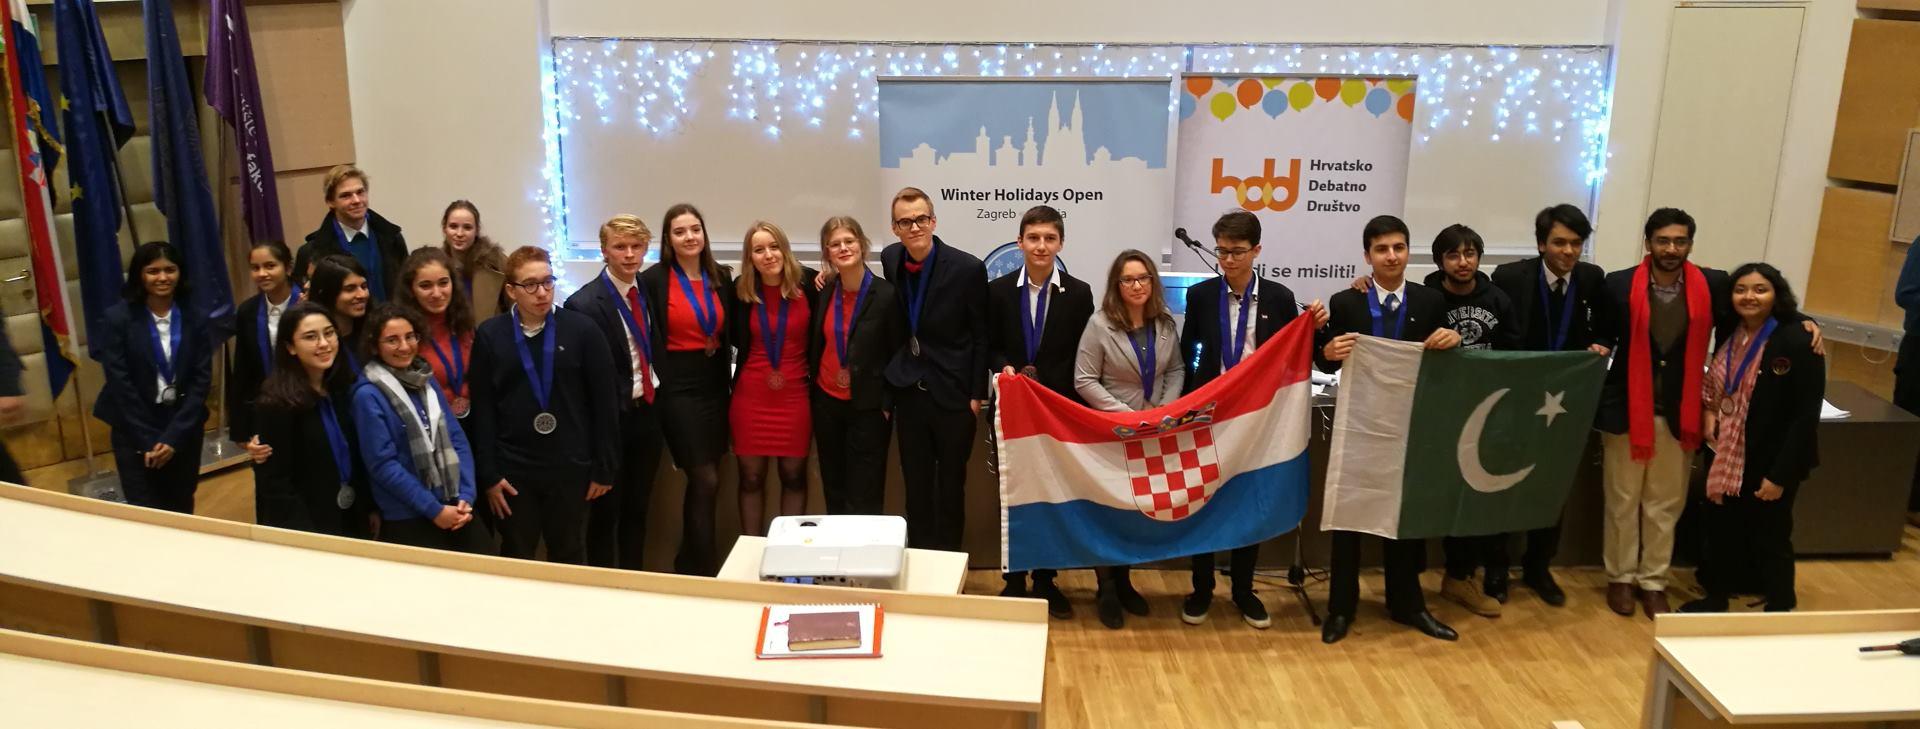 Održan najveći međunarodni debatni turnir Europe – pobjednici su ekipe Hrvatske i Pakistana